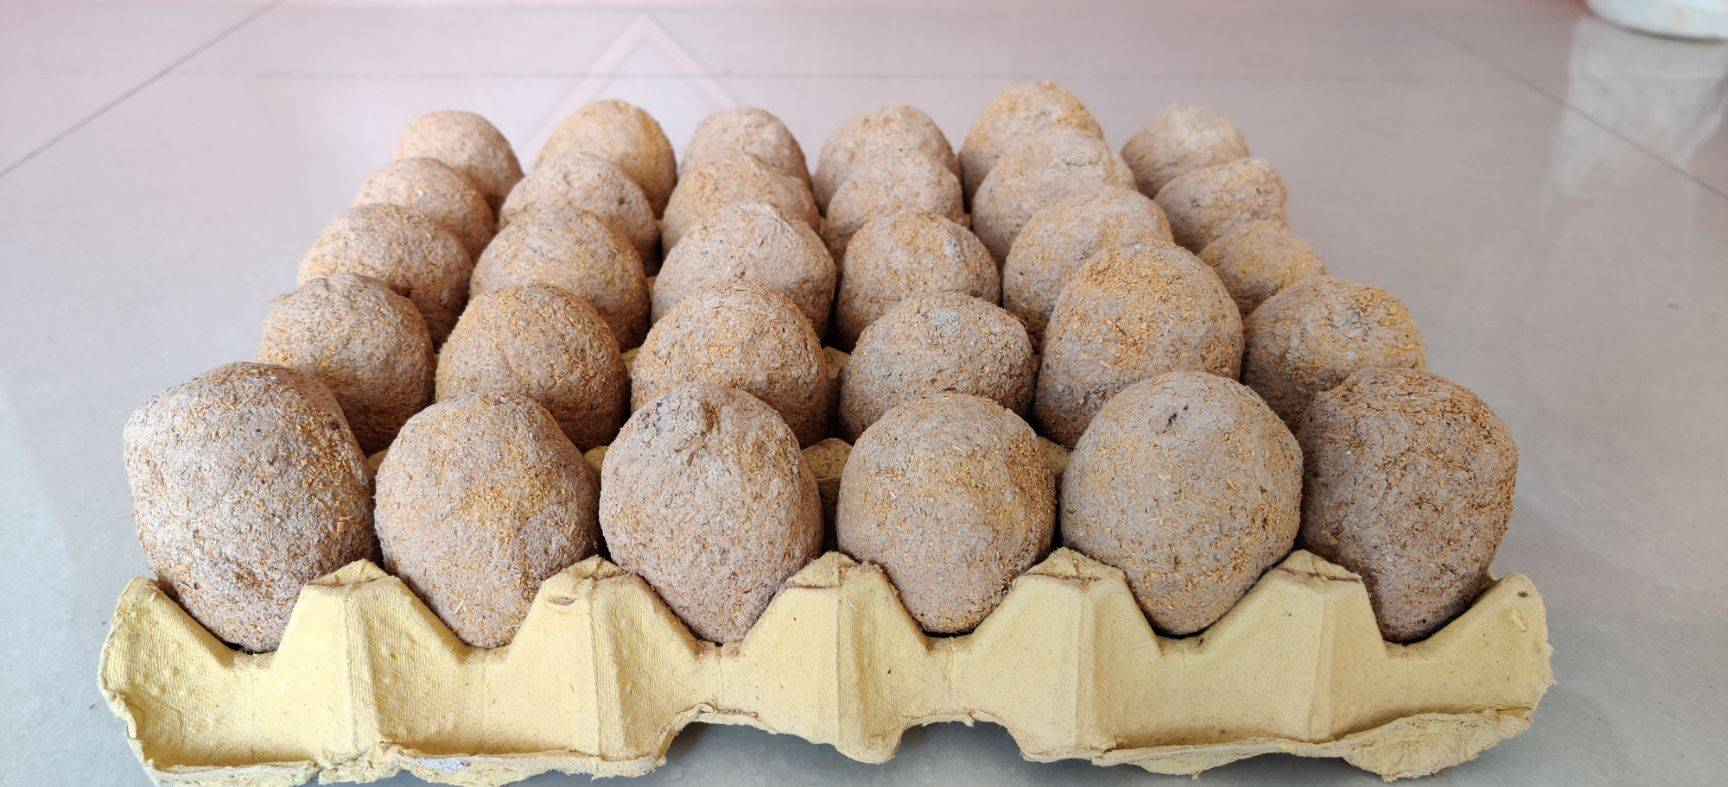 [松花鸭蛋批发]松花鸭蛋 松花蛋,裸蛋价格650元/箱